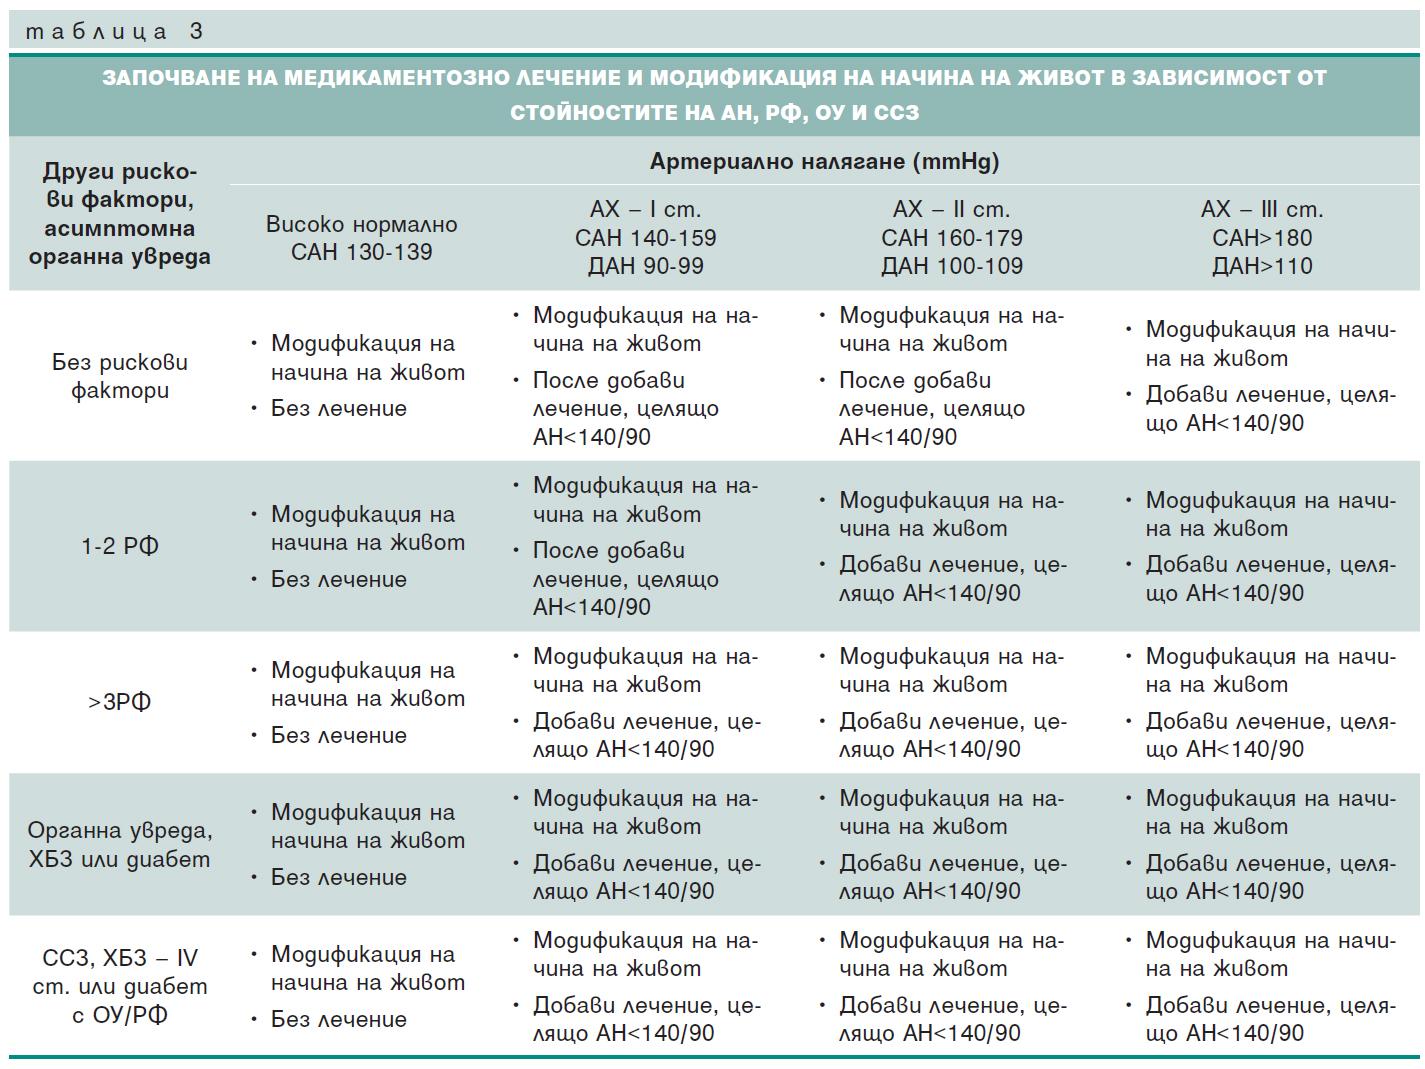 Артериалната хипертония в контекста на сърдечно-съдовия риск